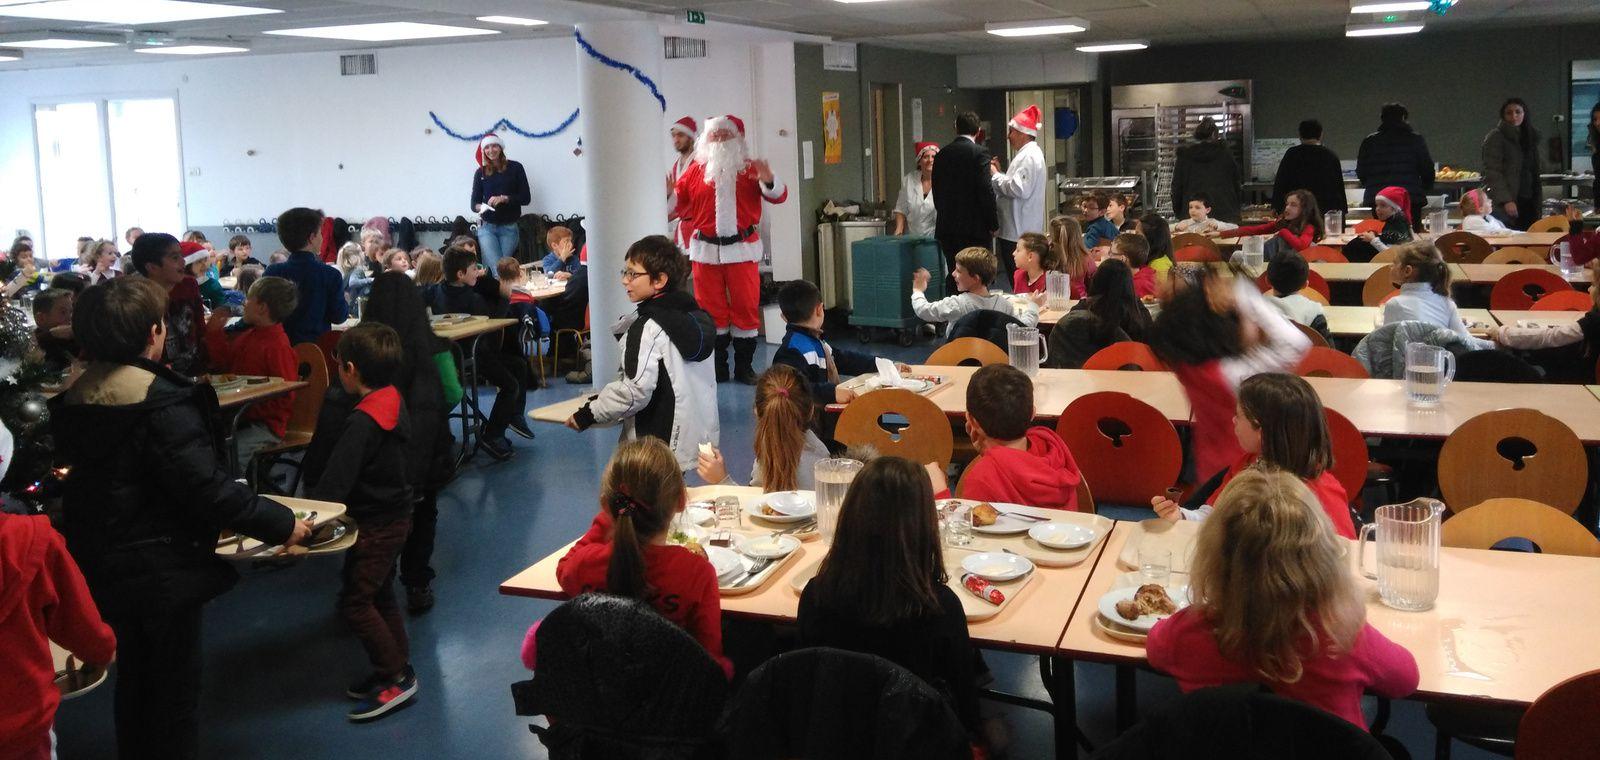 Visite du Père Noël pendant le repas au restaurant scolaire